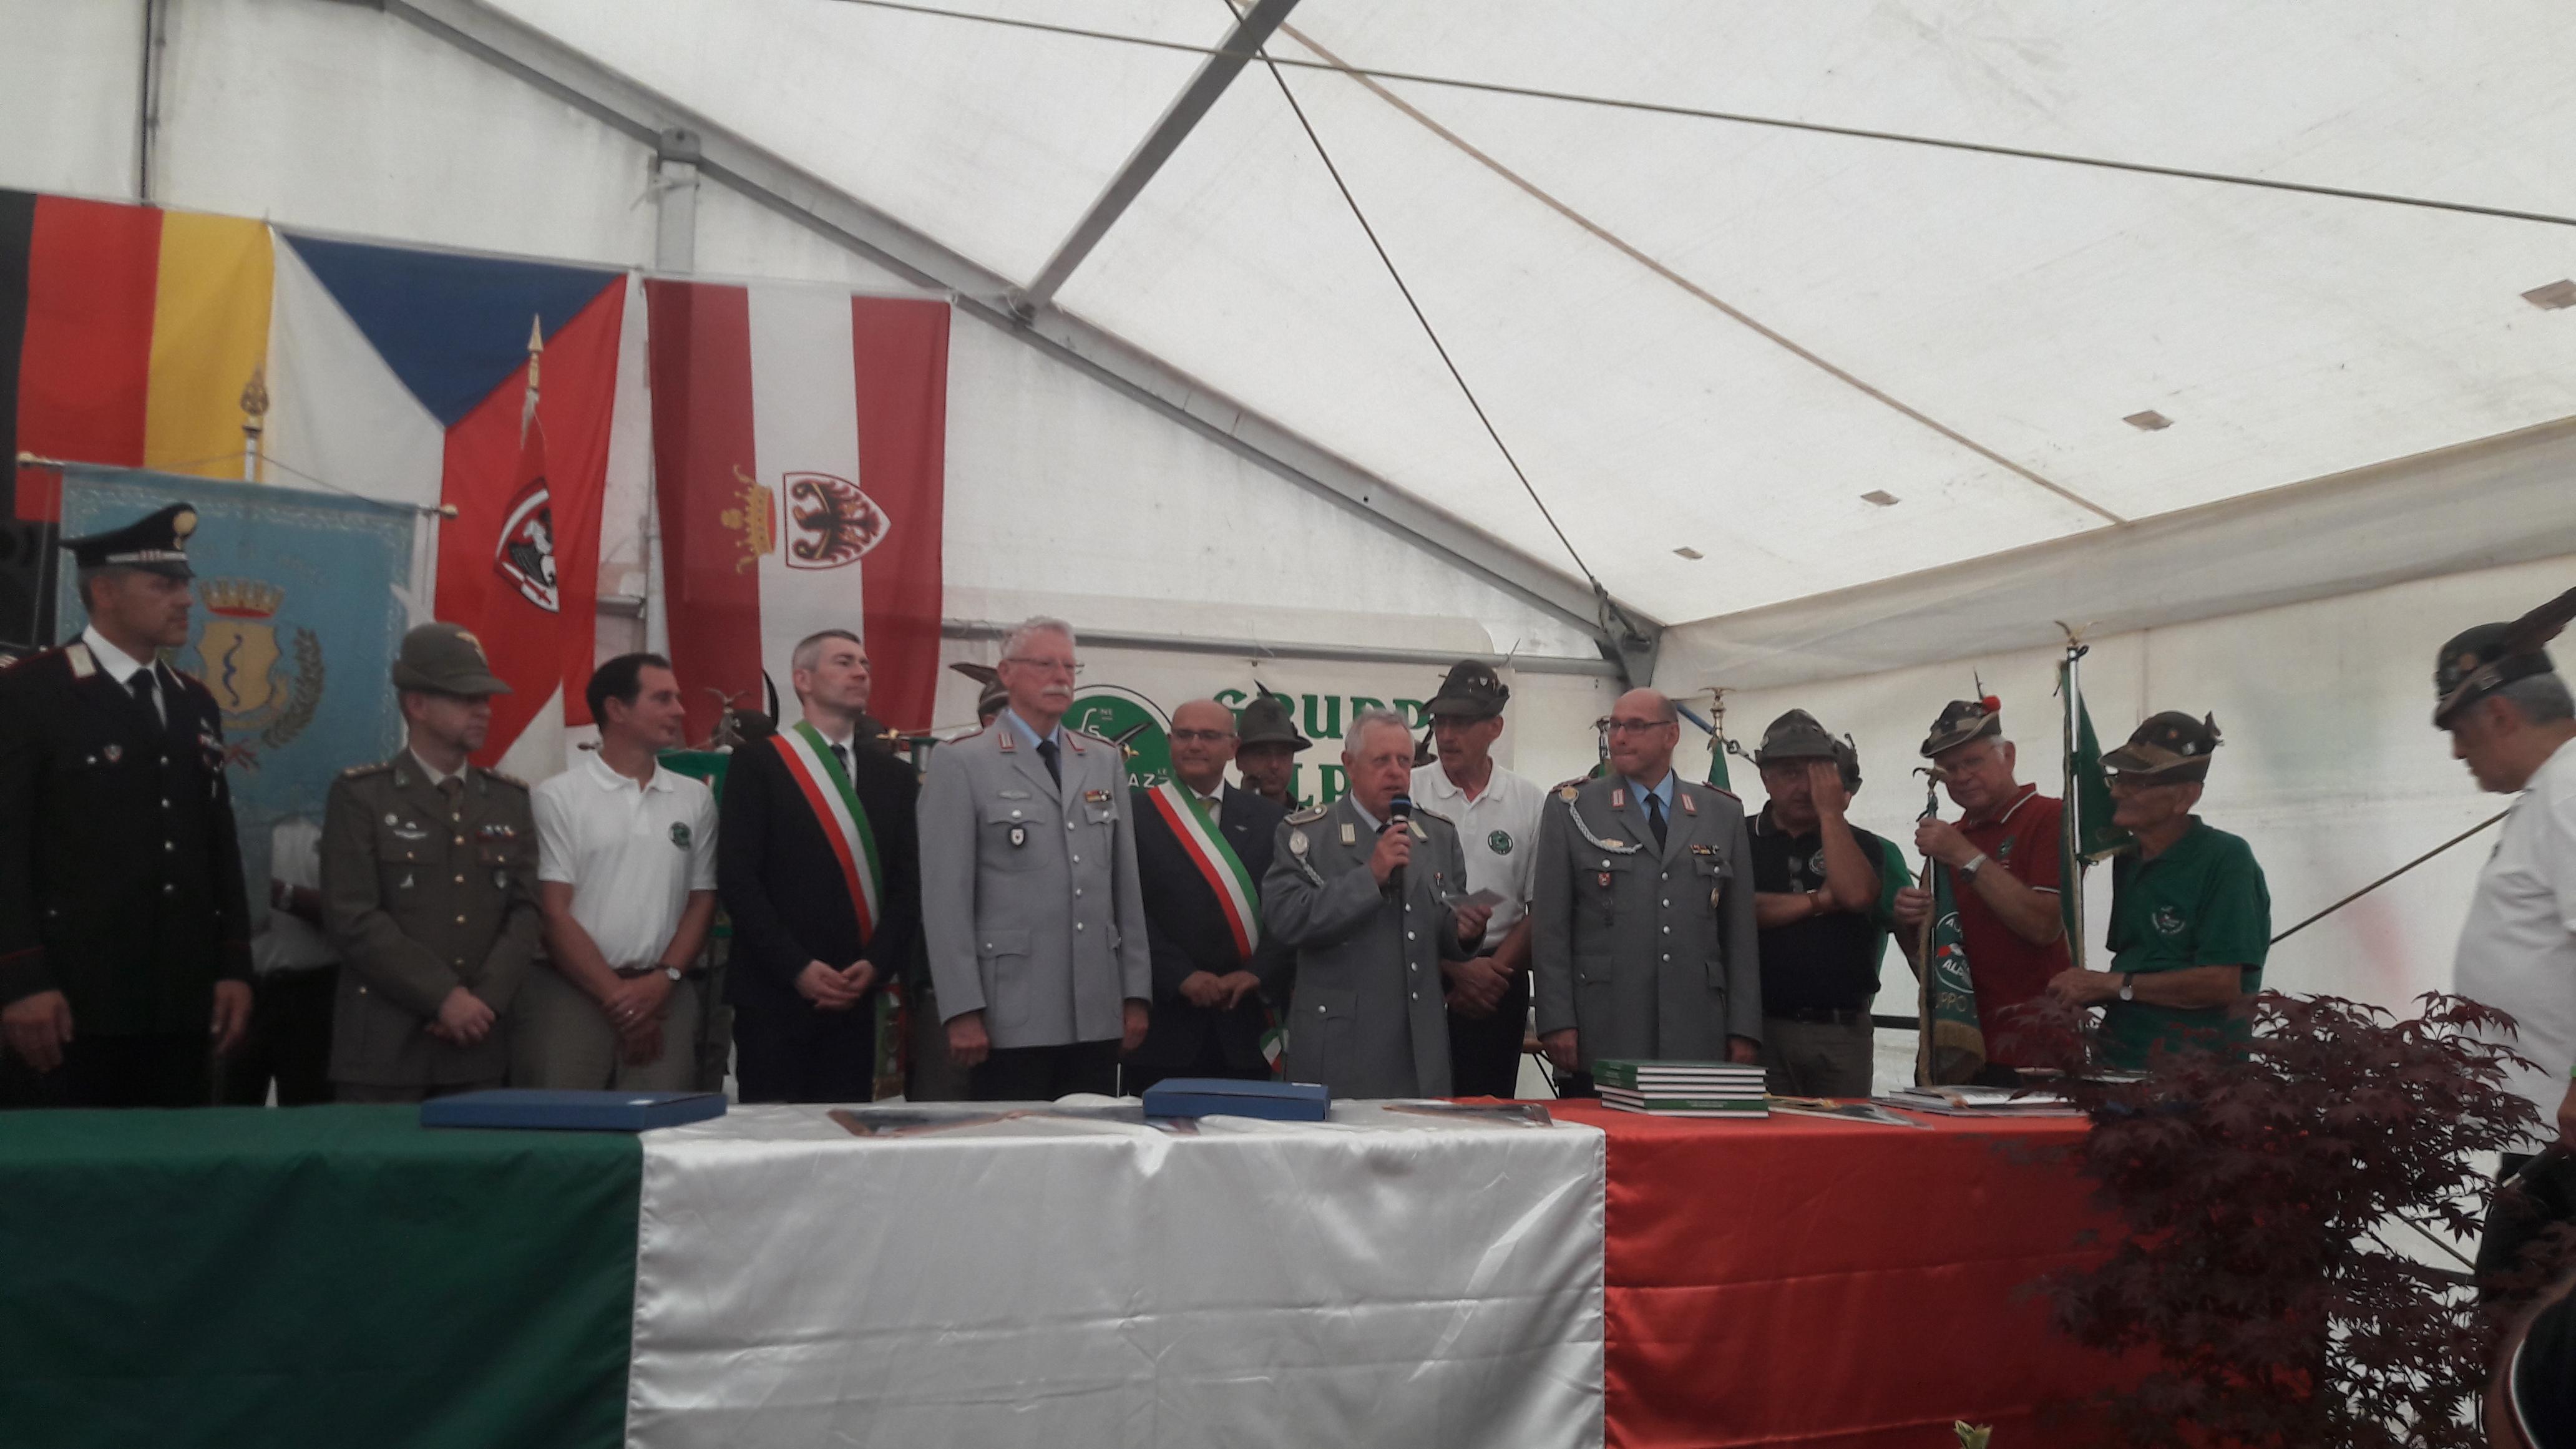 Die Offiziellen bei der 90-Jahr-Feier der Alpini und der Zehn-Jahr-Feier der Verschwisterung, Josef Spanik (Dritter von links), Bürgermeister Alessandro Betta (Vierter von links), Hans Peter Hess (Fünfter von links), Gernot Schobert (Sechster von rechts), Achim Höll (Vierter von rechts), Carlo Zanoni (Fünfter von rechts).